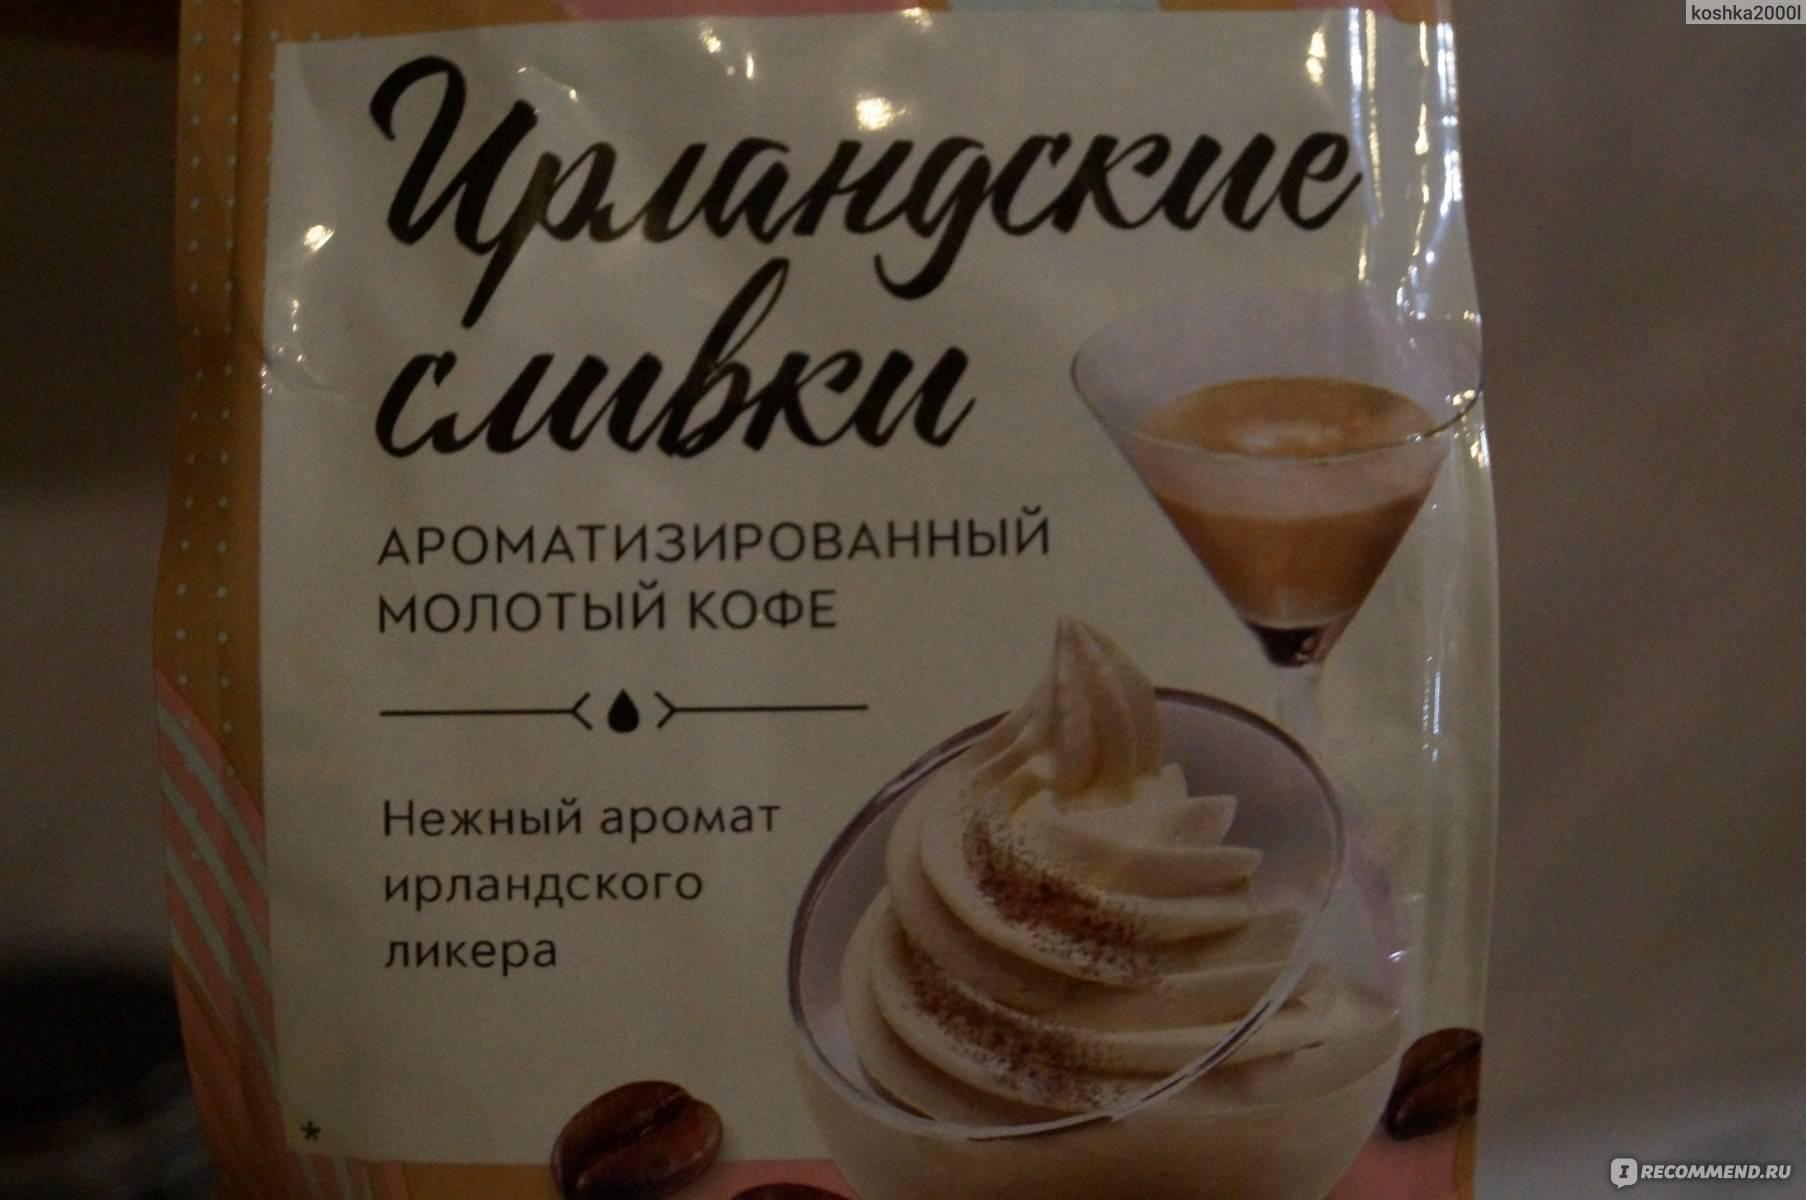 Кофе с ликером: разновидности и рецепты кофейных напитков с ликером